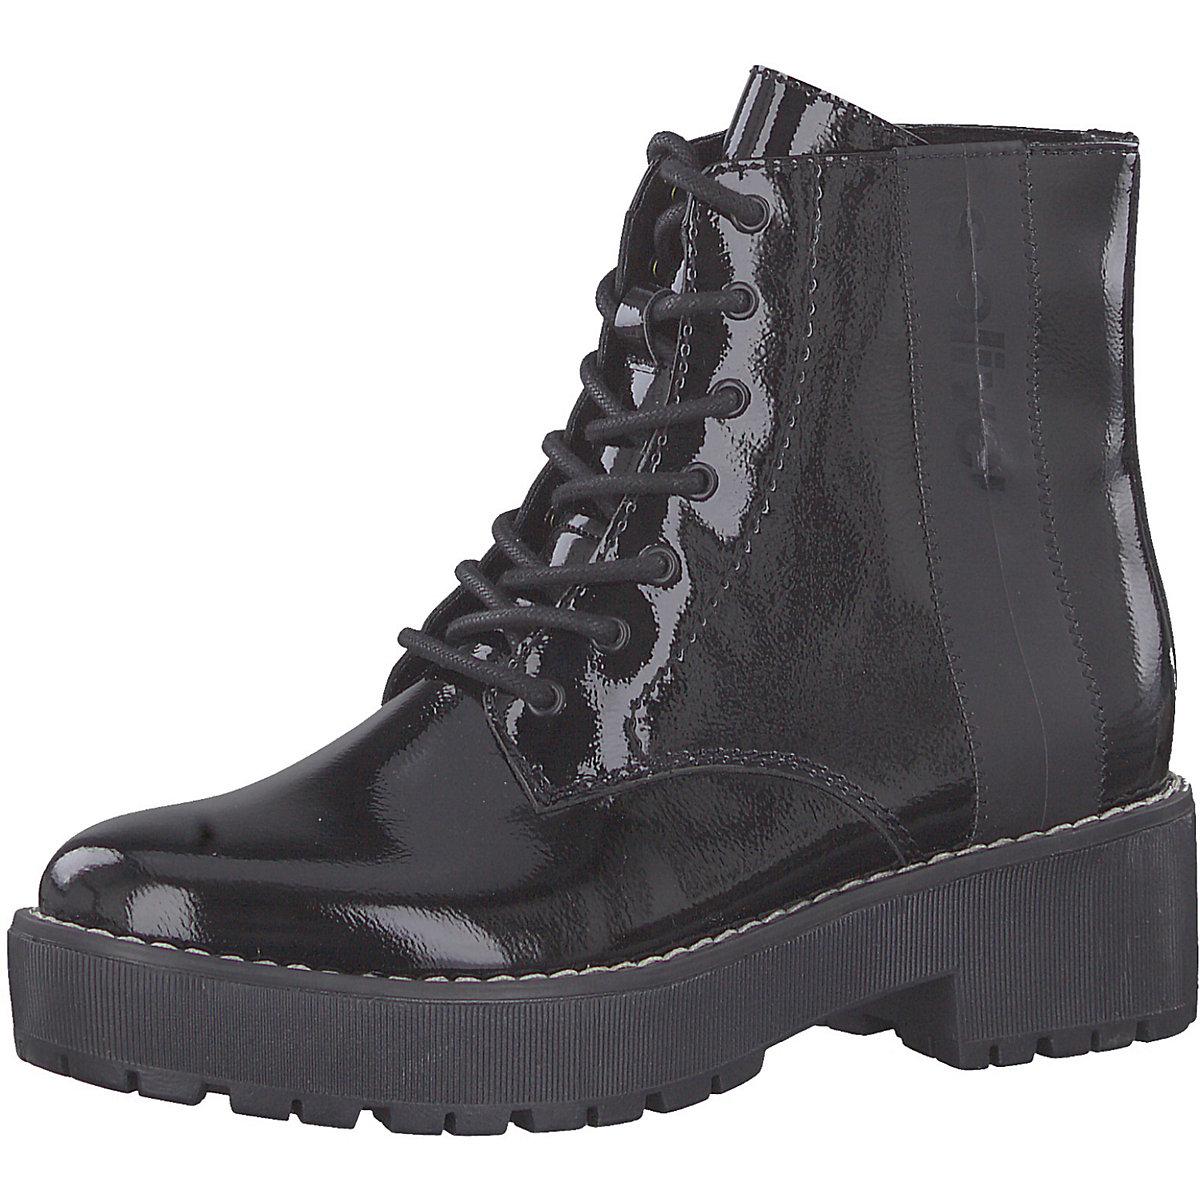 S.Oliver, Schnürstiefeletten, schwarz  Gute Qualität beliebte Schuhe